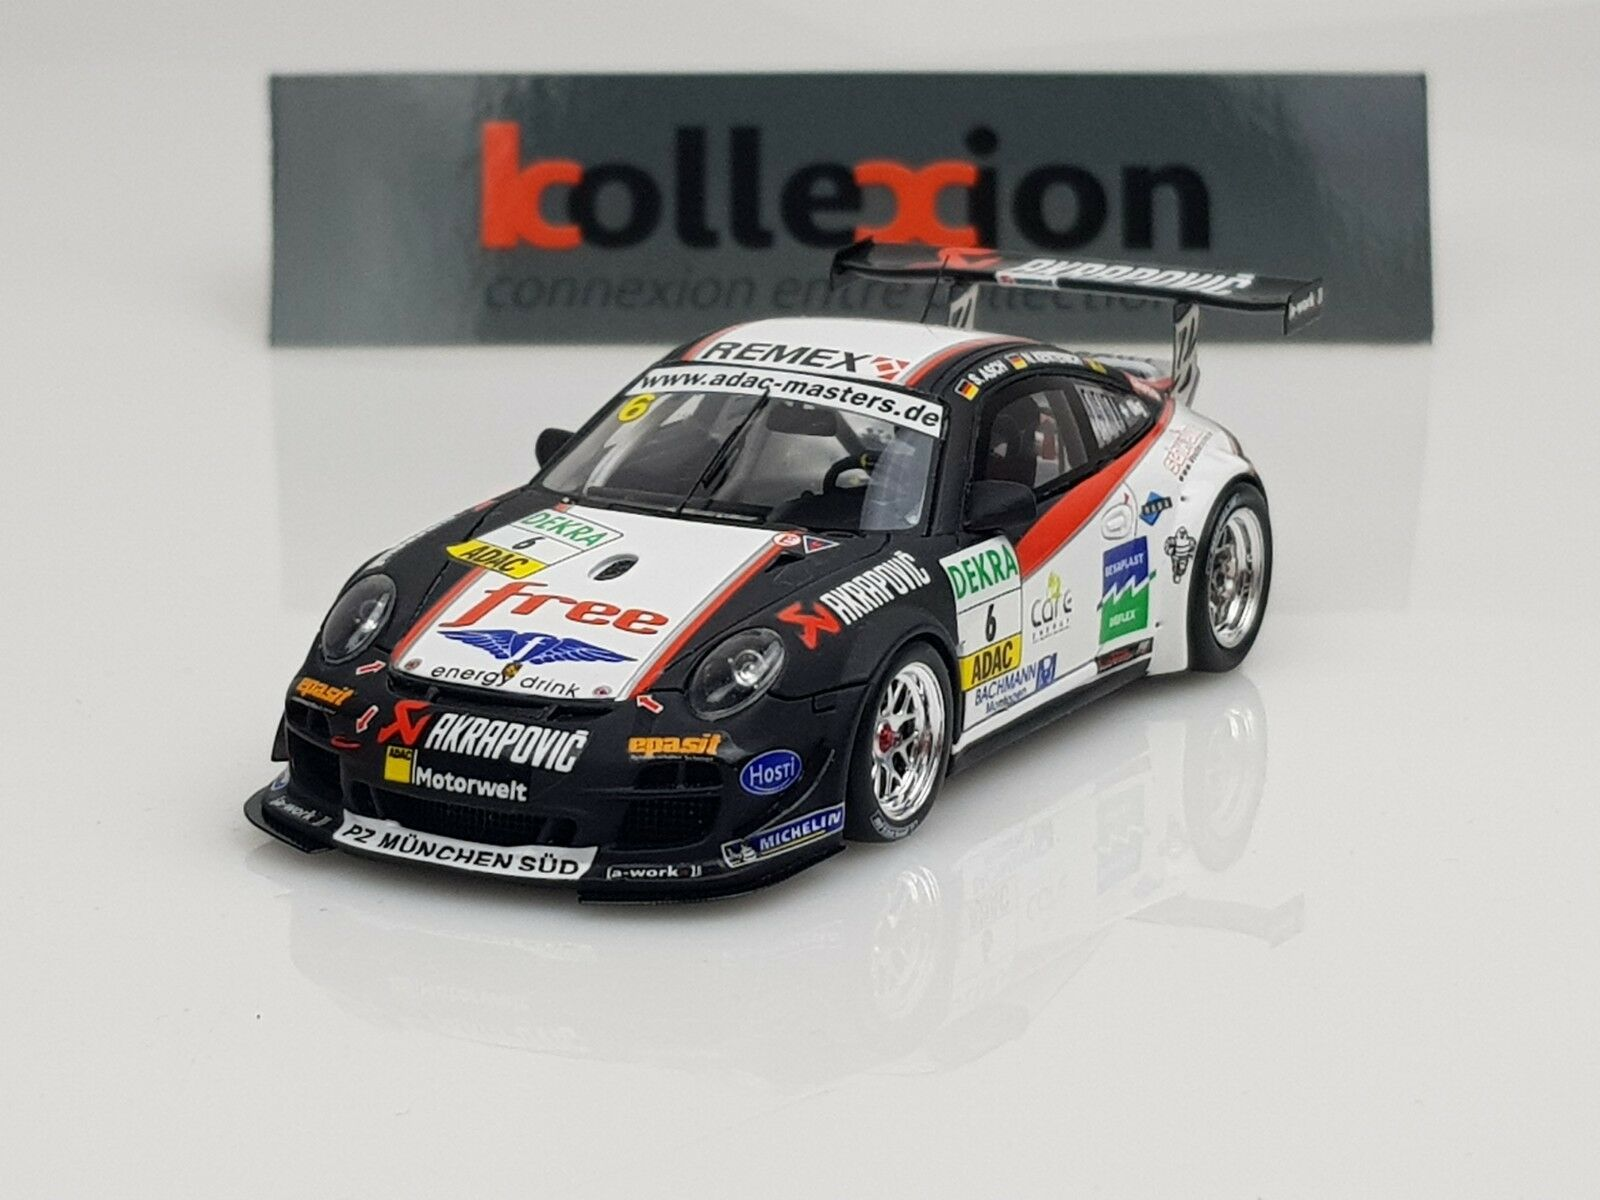 SPARK PORSCHE 911 GT3 R A-Workx n 6 Adac GT Masters 2010 Asch - Kentenich 1.43